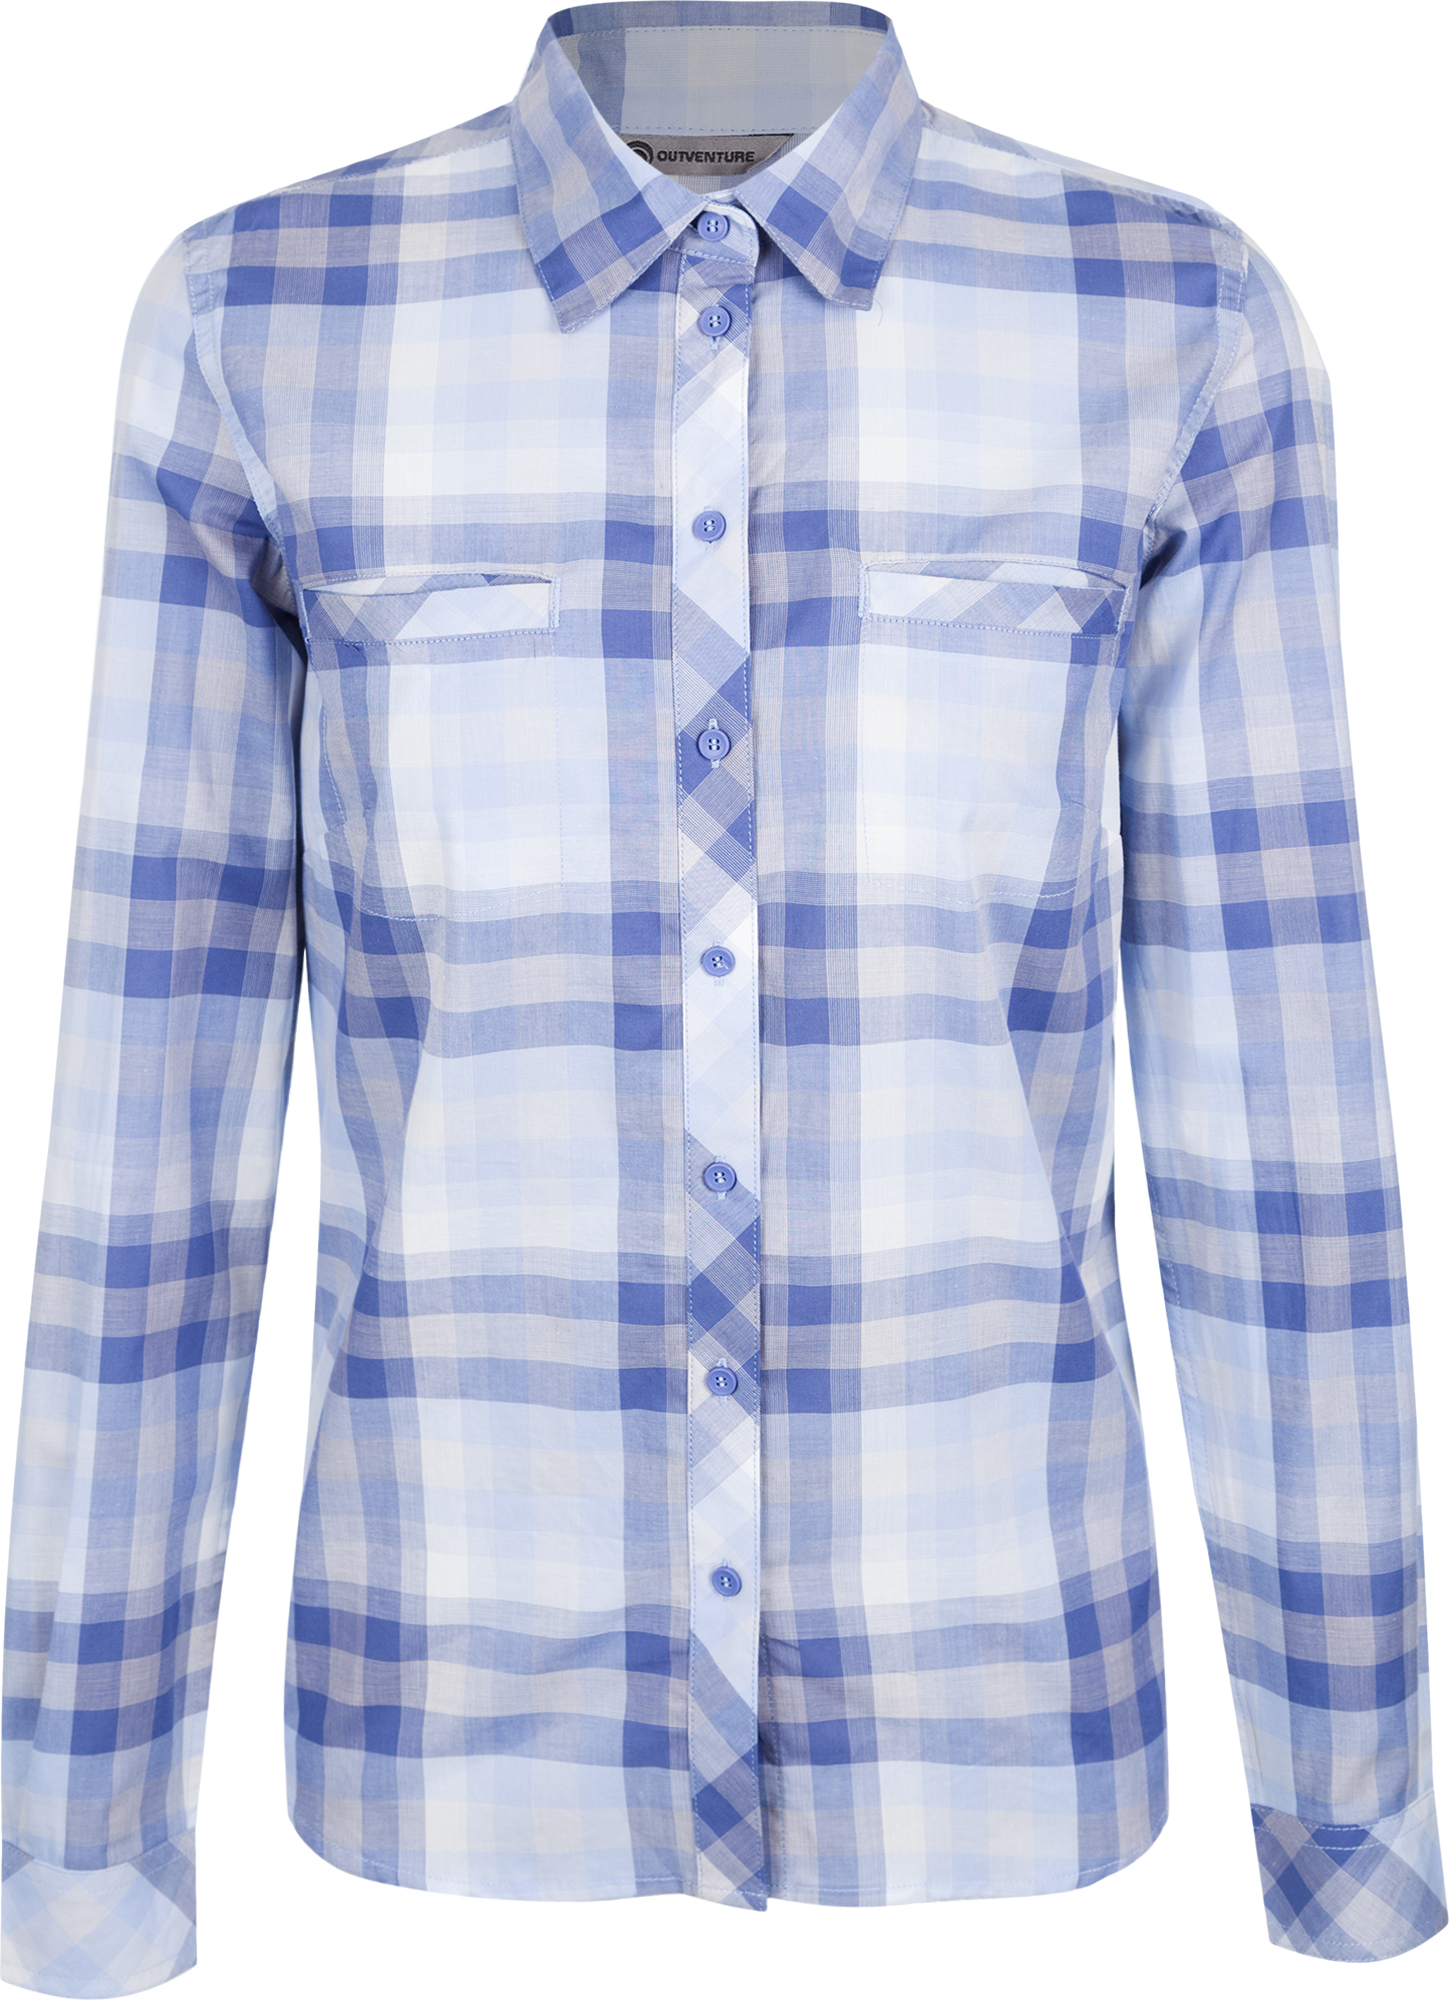 Outventure Рубашка с длинным рукавом женская Outventure, размер 54